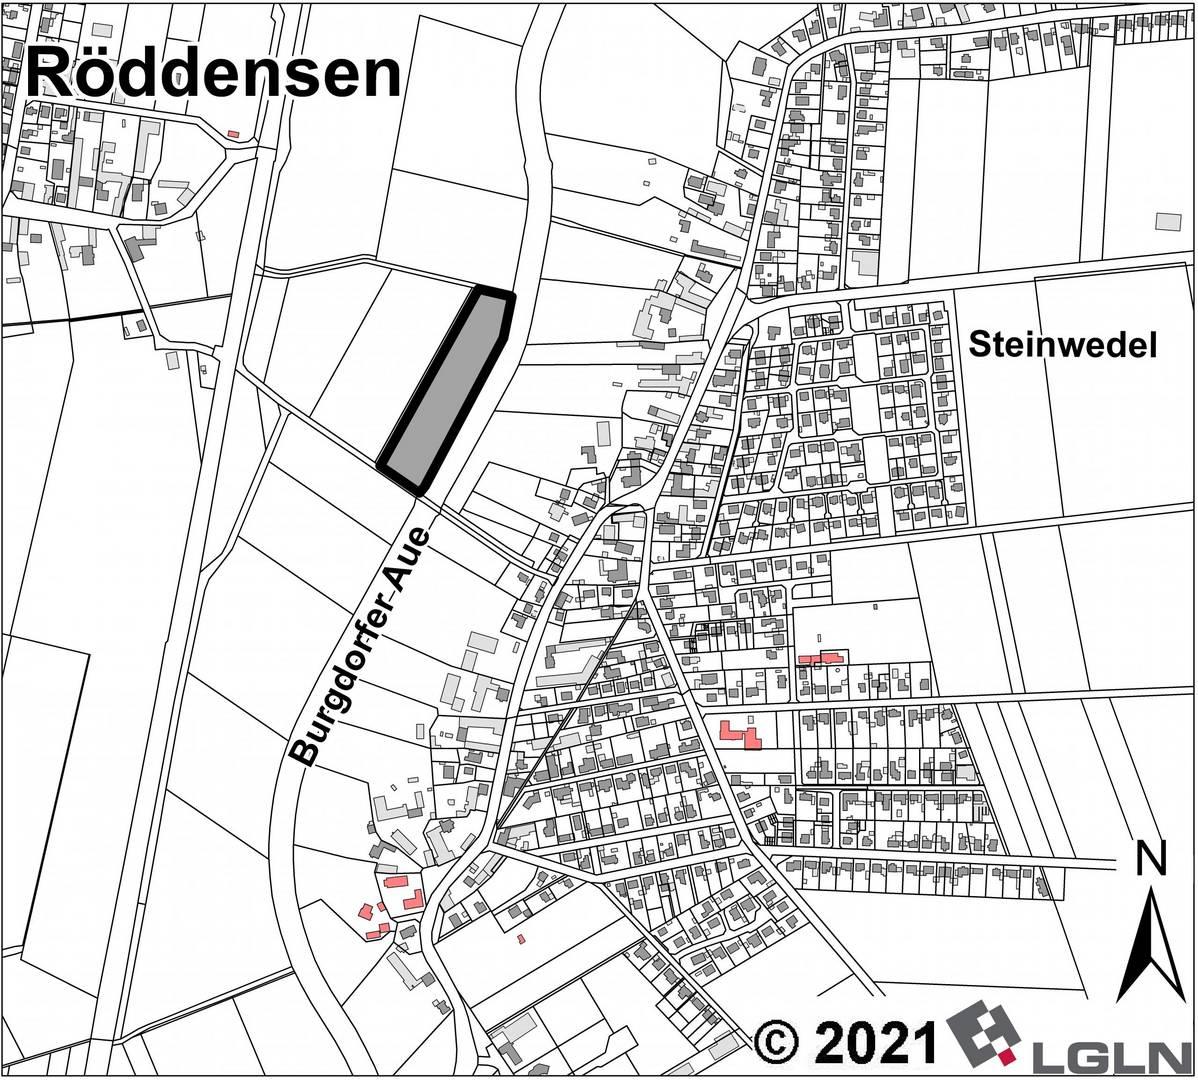 Teilgeltungsbereich C 1 in der Gemarkung Röddensen © Anja Hampe